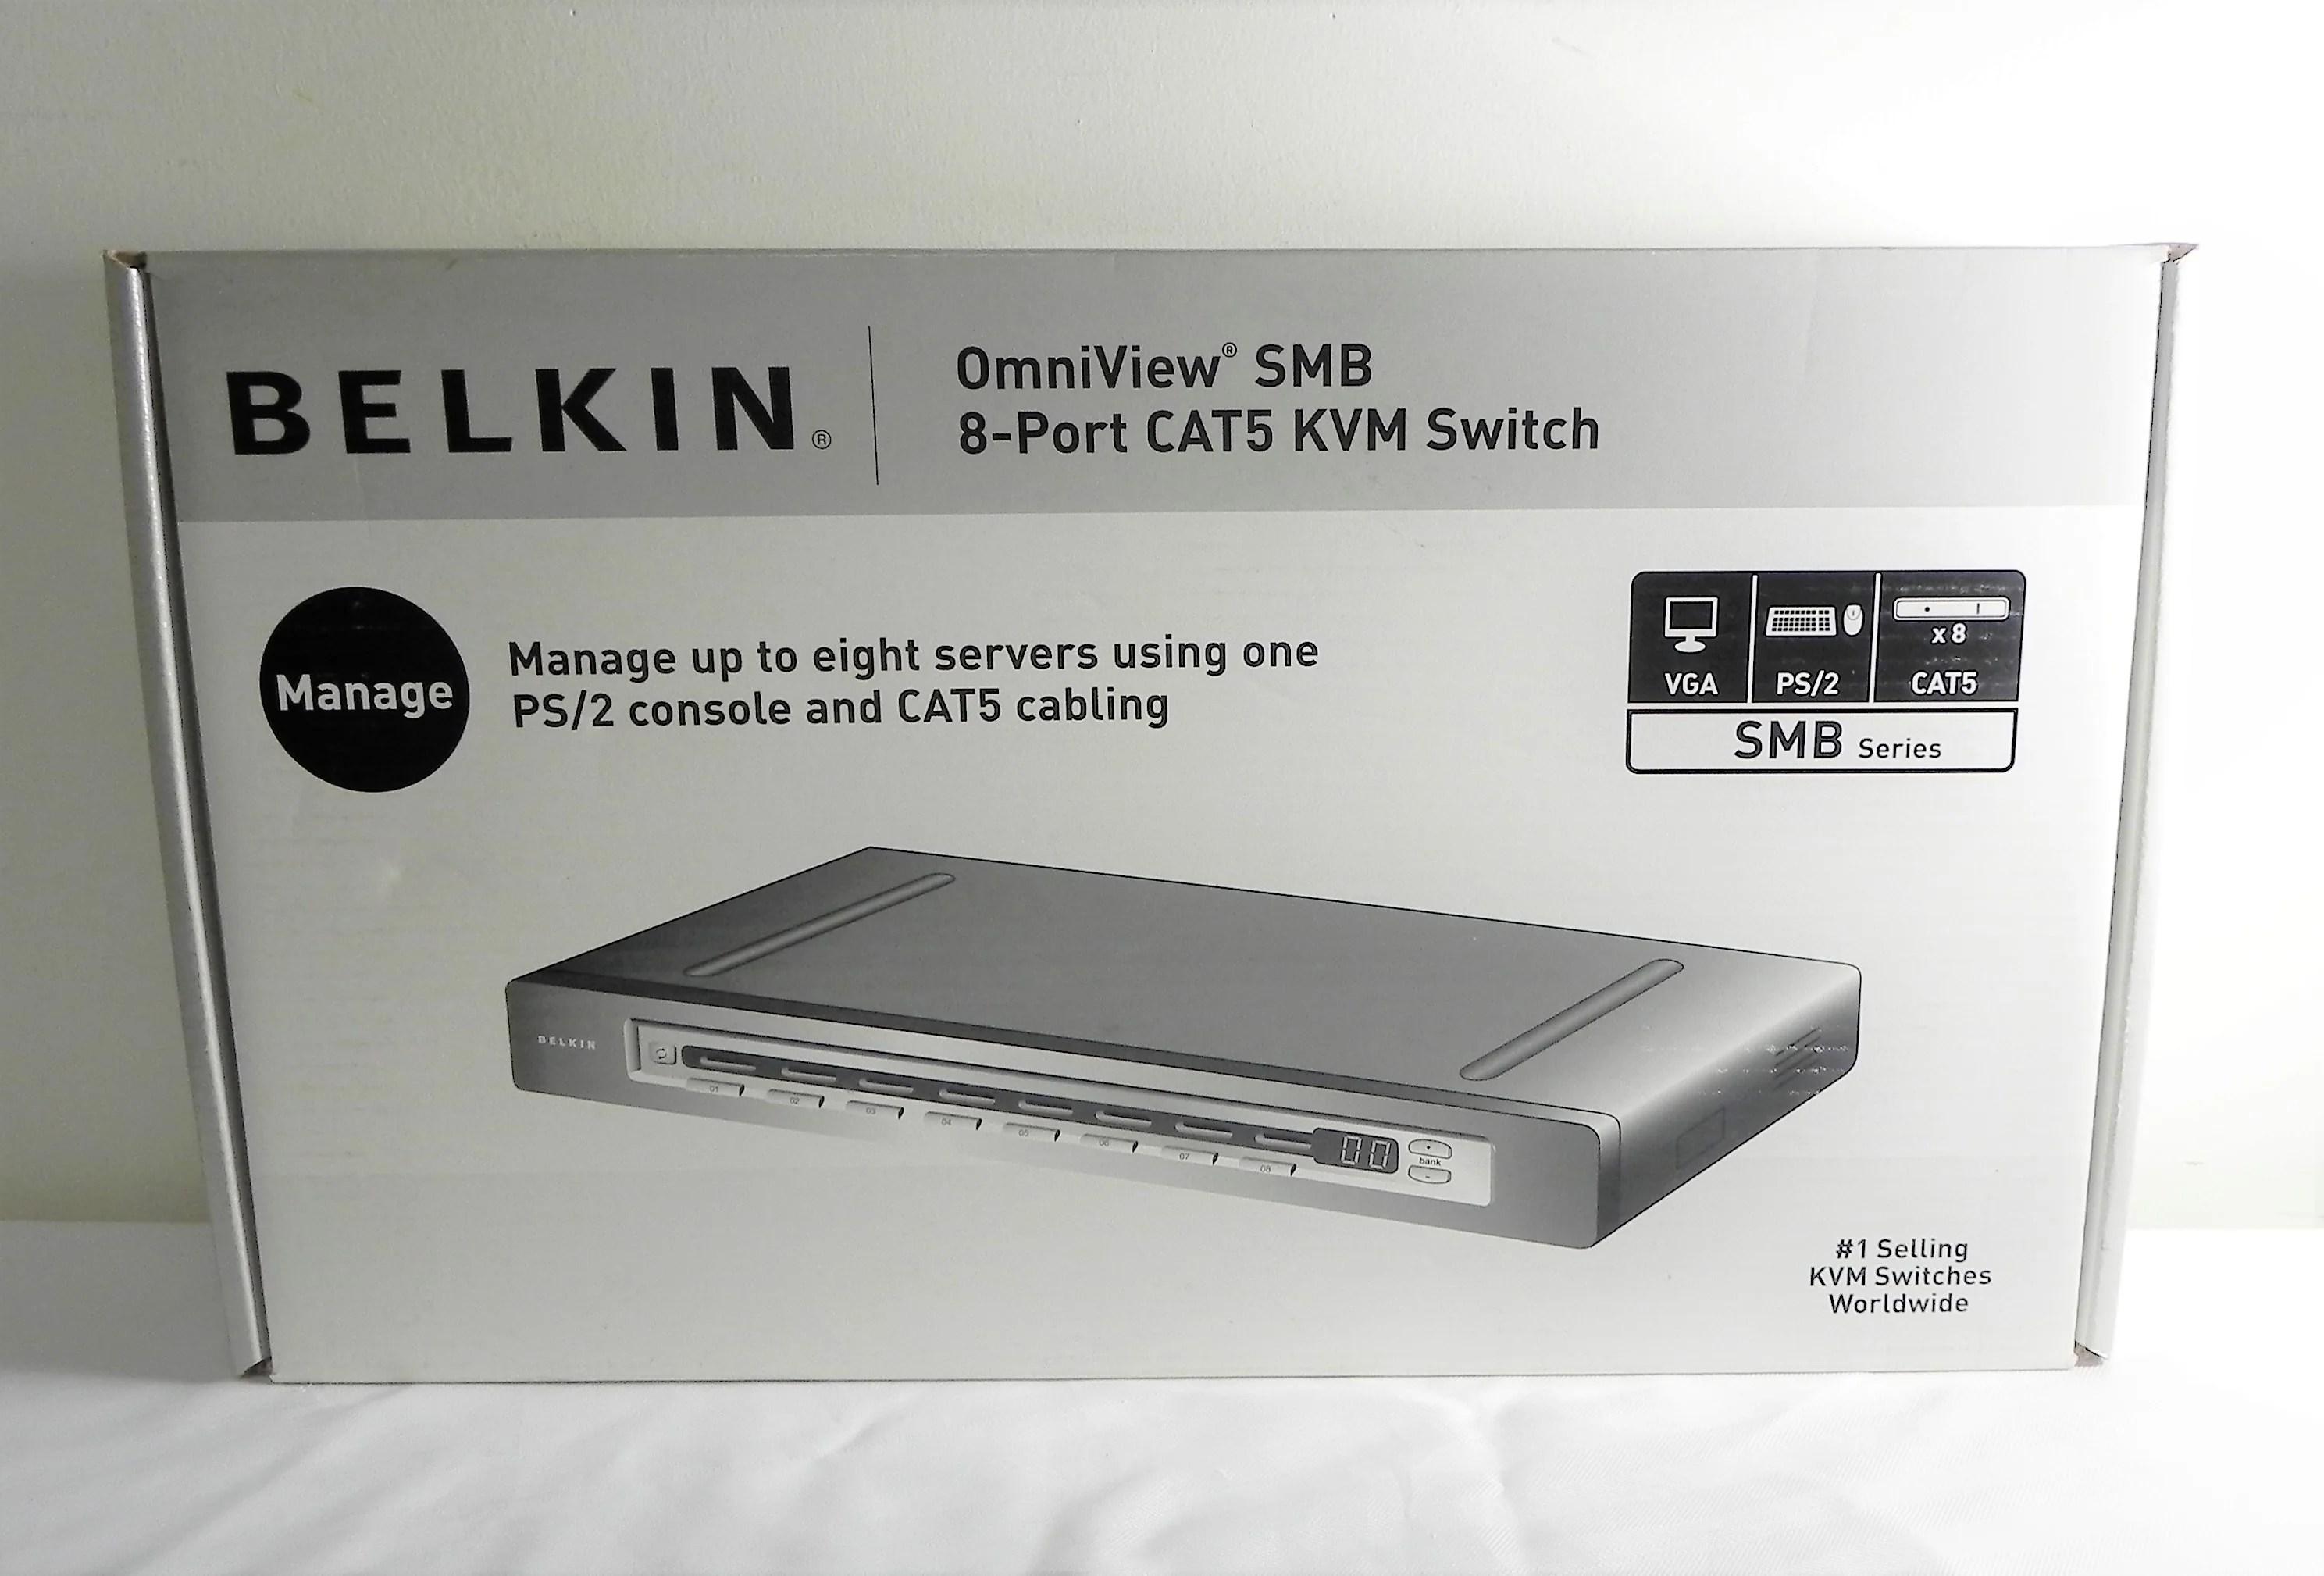 medium resolution of new belkin omniview smb 8 port cat5 kvm switch f1dp108a